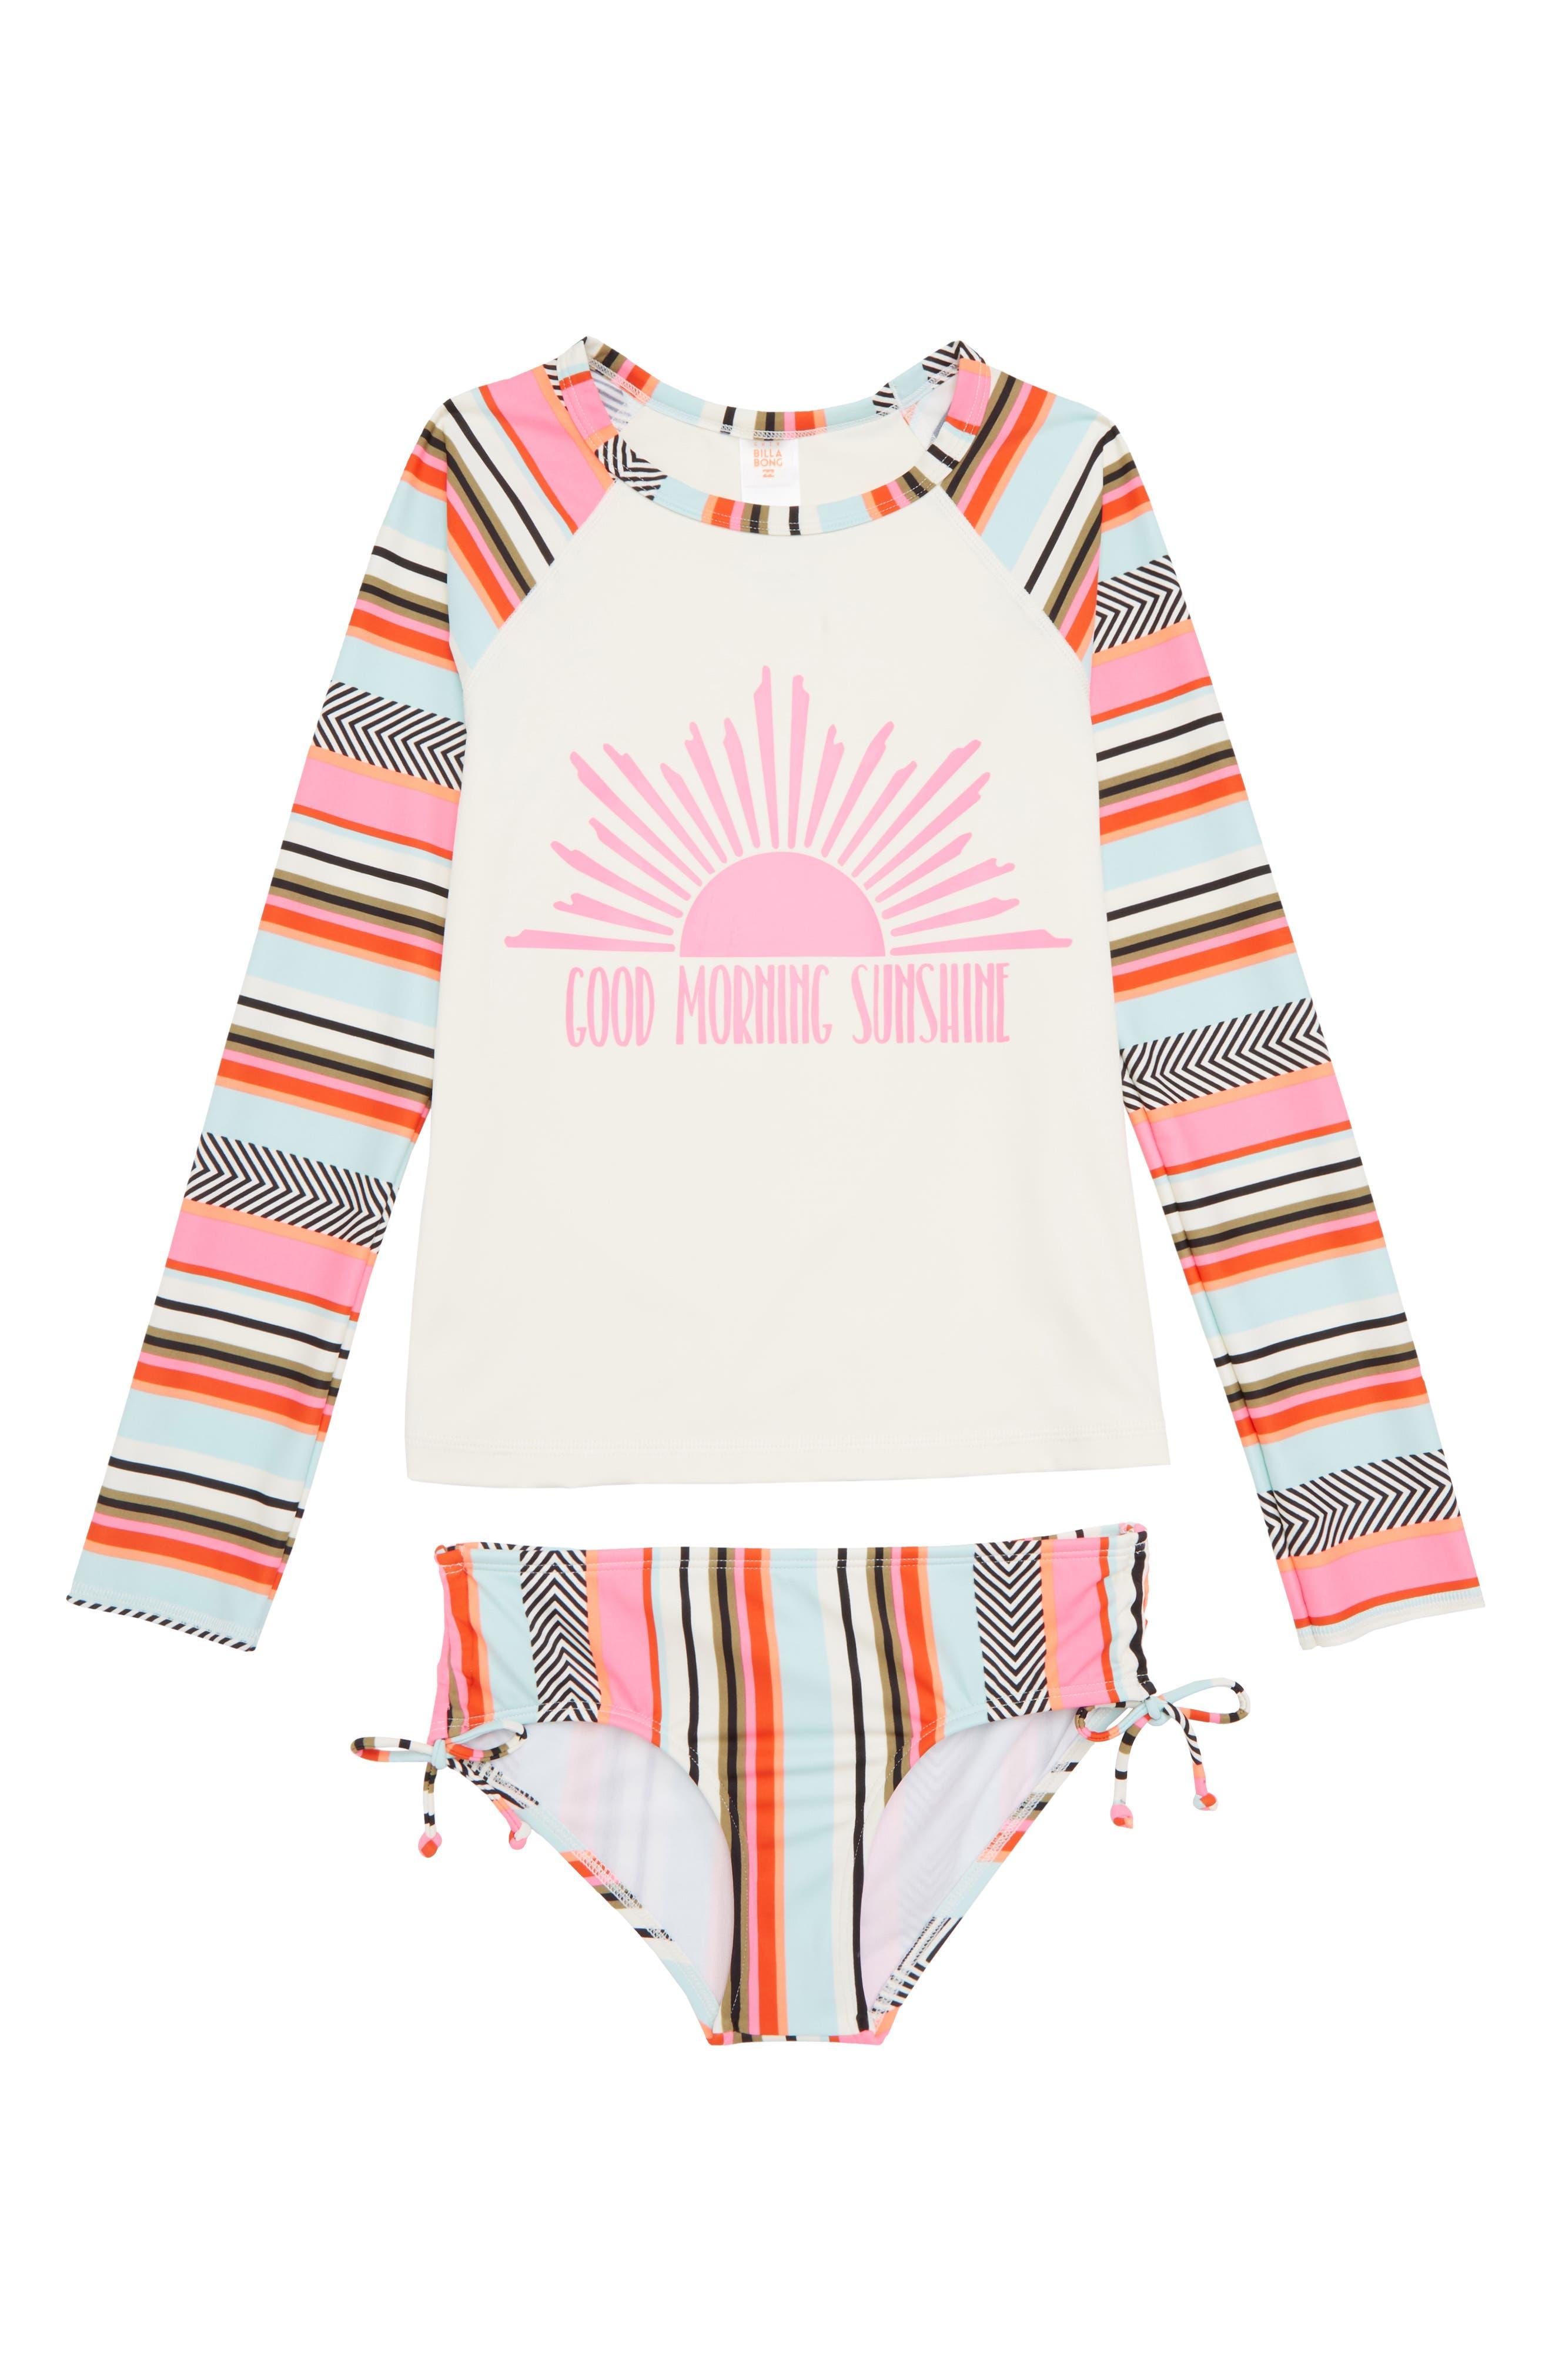 Good Morning Sunshine Two-Piece Rashguard Swimsuit,                             Main thumbnail 1, color,                             Multi